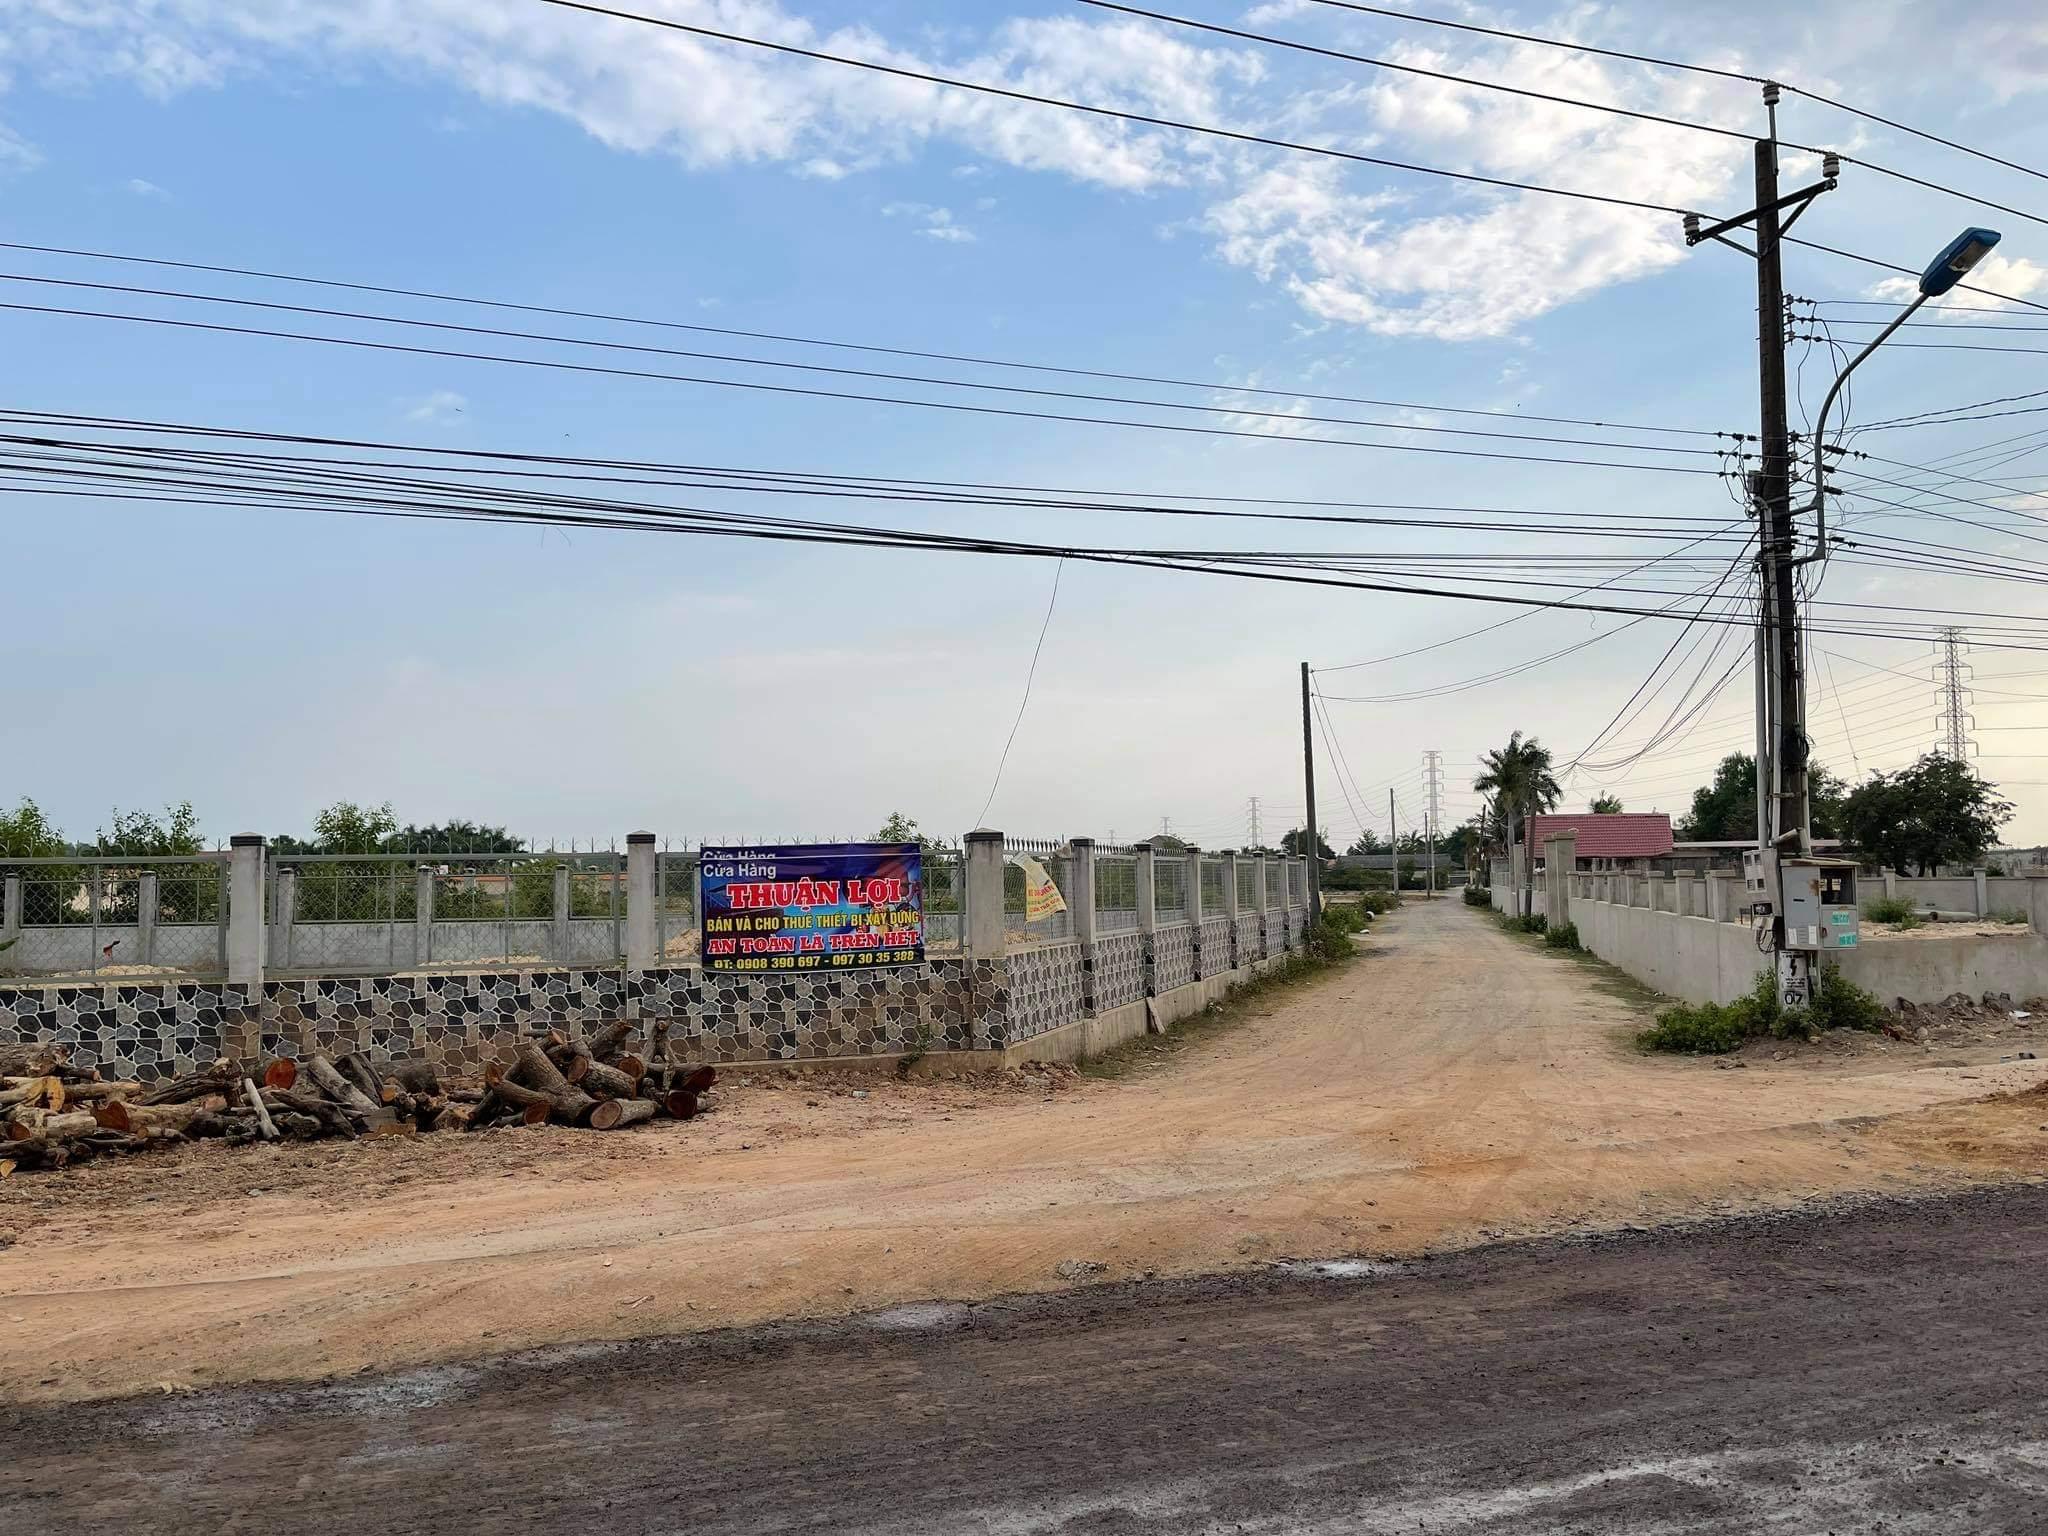 Nhiều khu dân cư, biệt thự bỏ hoang la liệt tại Đồng Nai sau những cơn sốt đất - Ảnh 6.